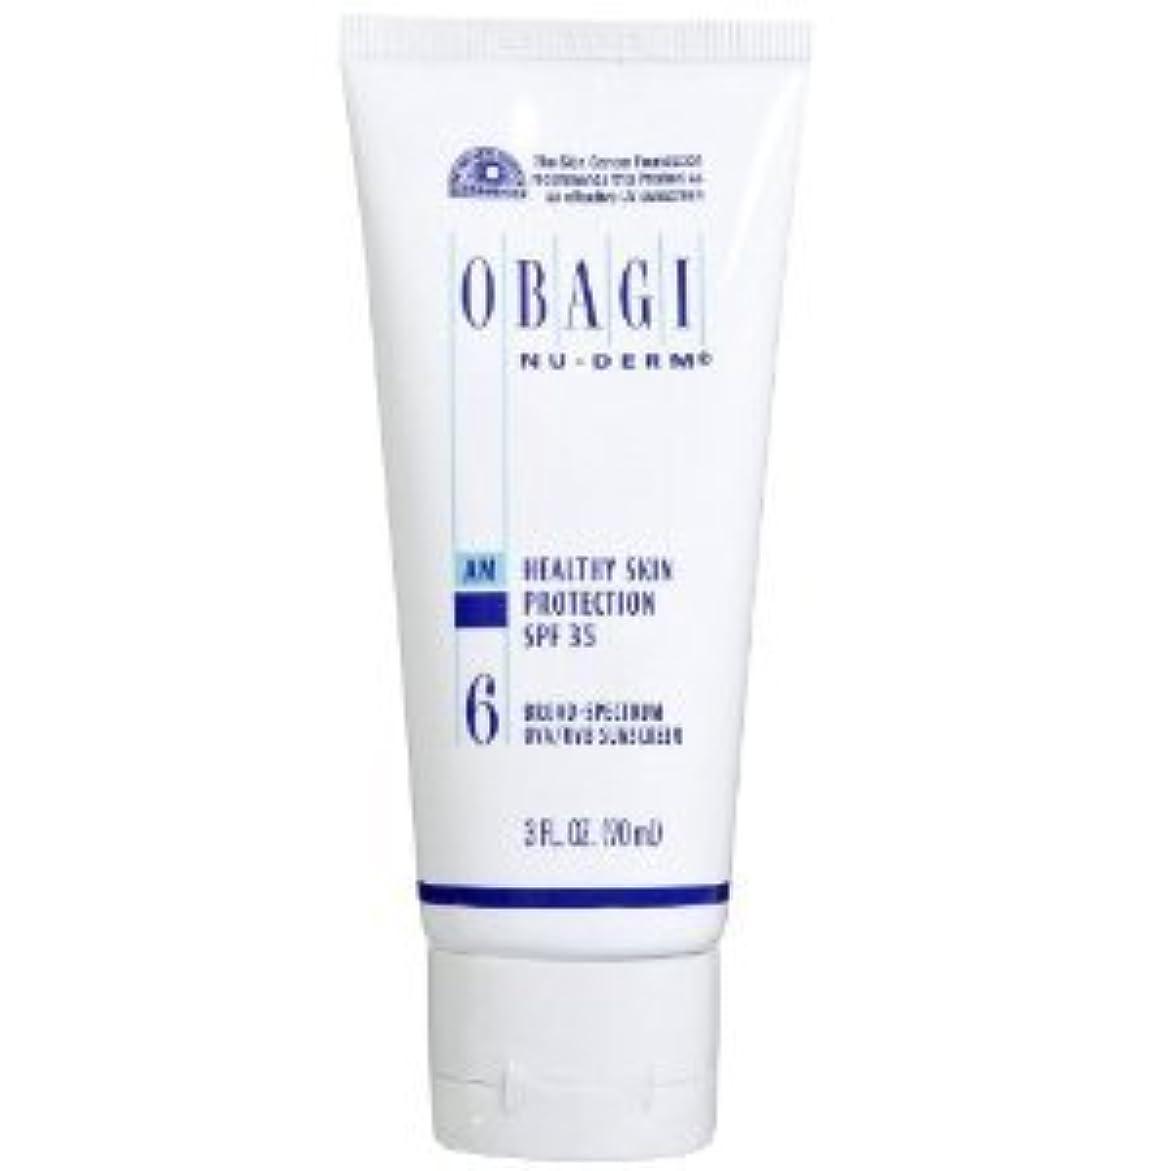 アピール試みさせるオバジ ニューダーム スキンプロテクション サンスクリーン(SPF35) Obagi Nu-Derm Healthy Skin Protection SPF 35 Sunscreens